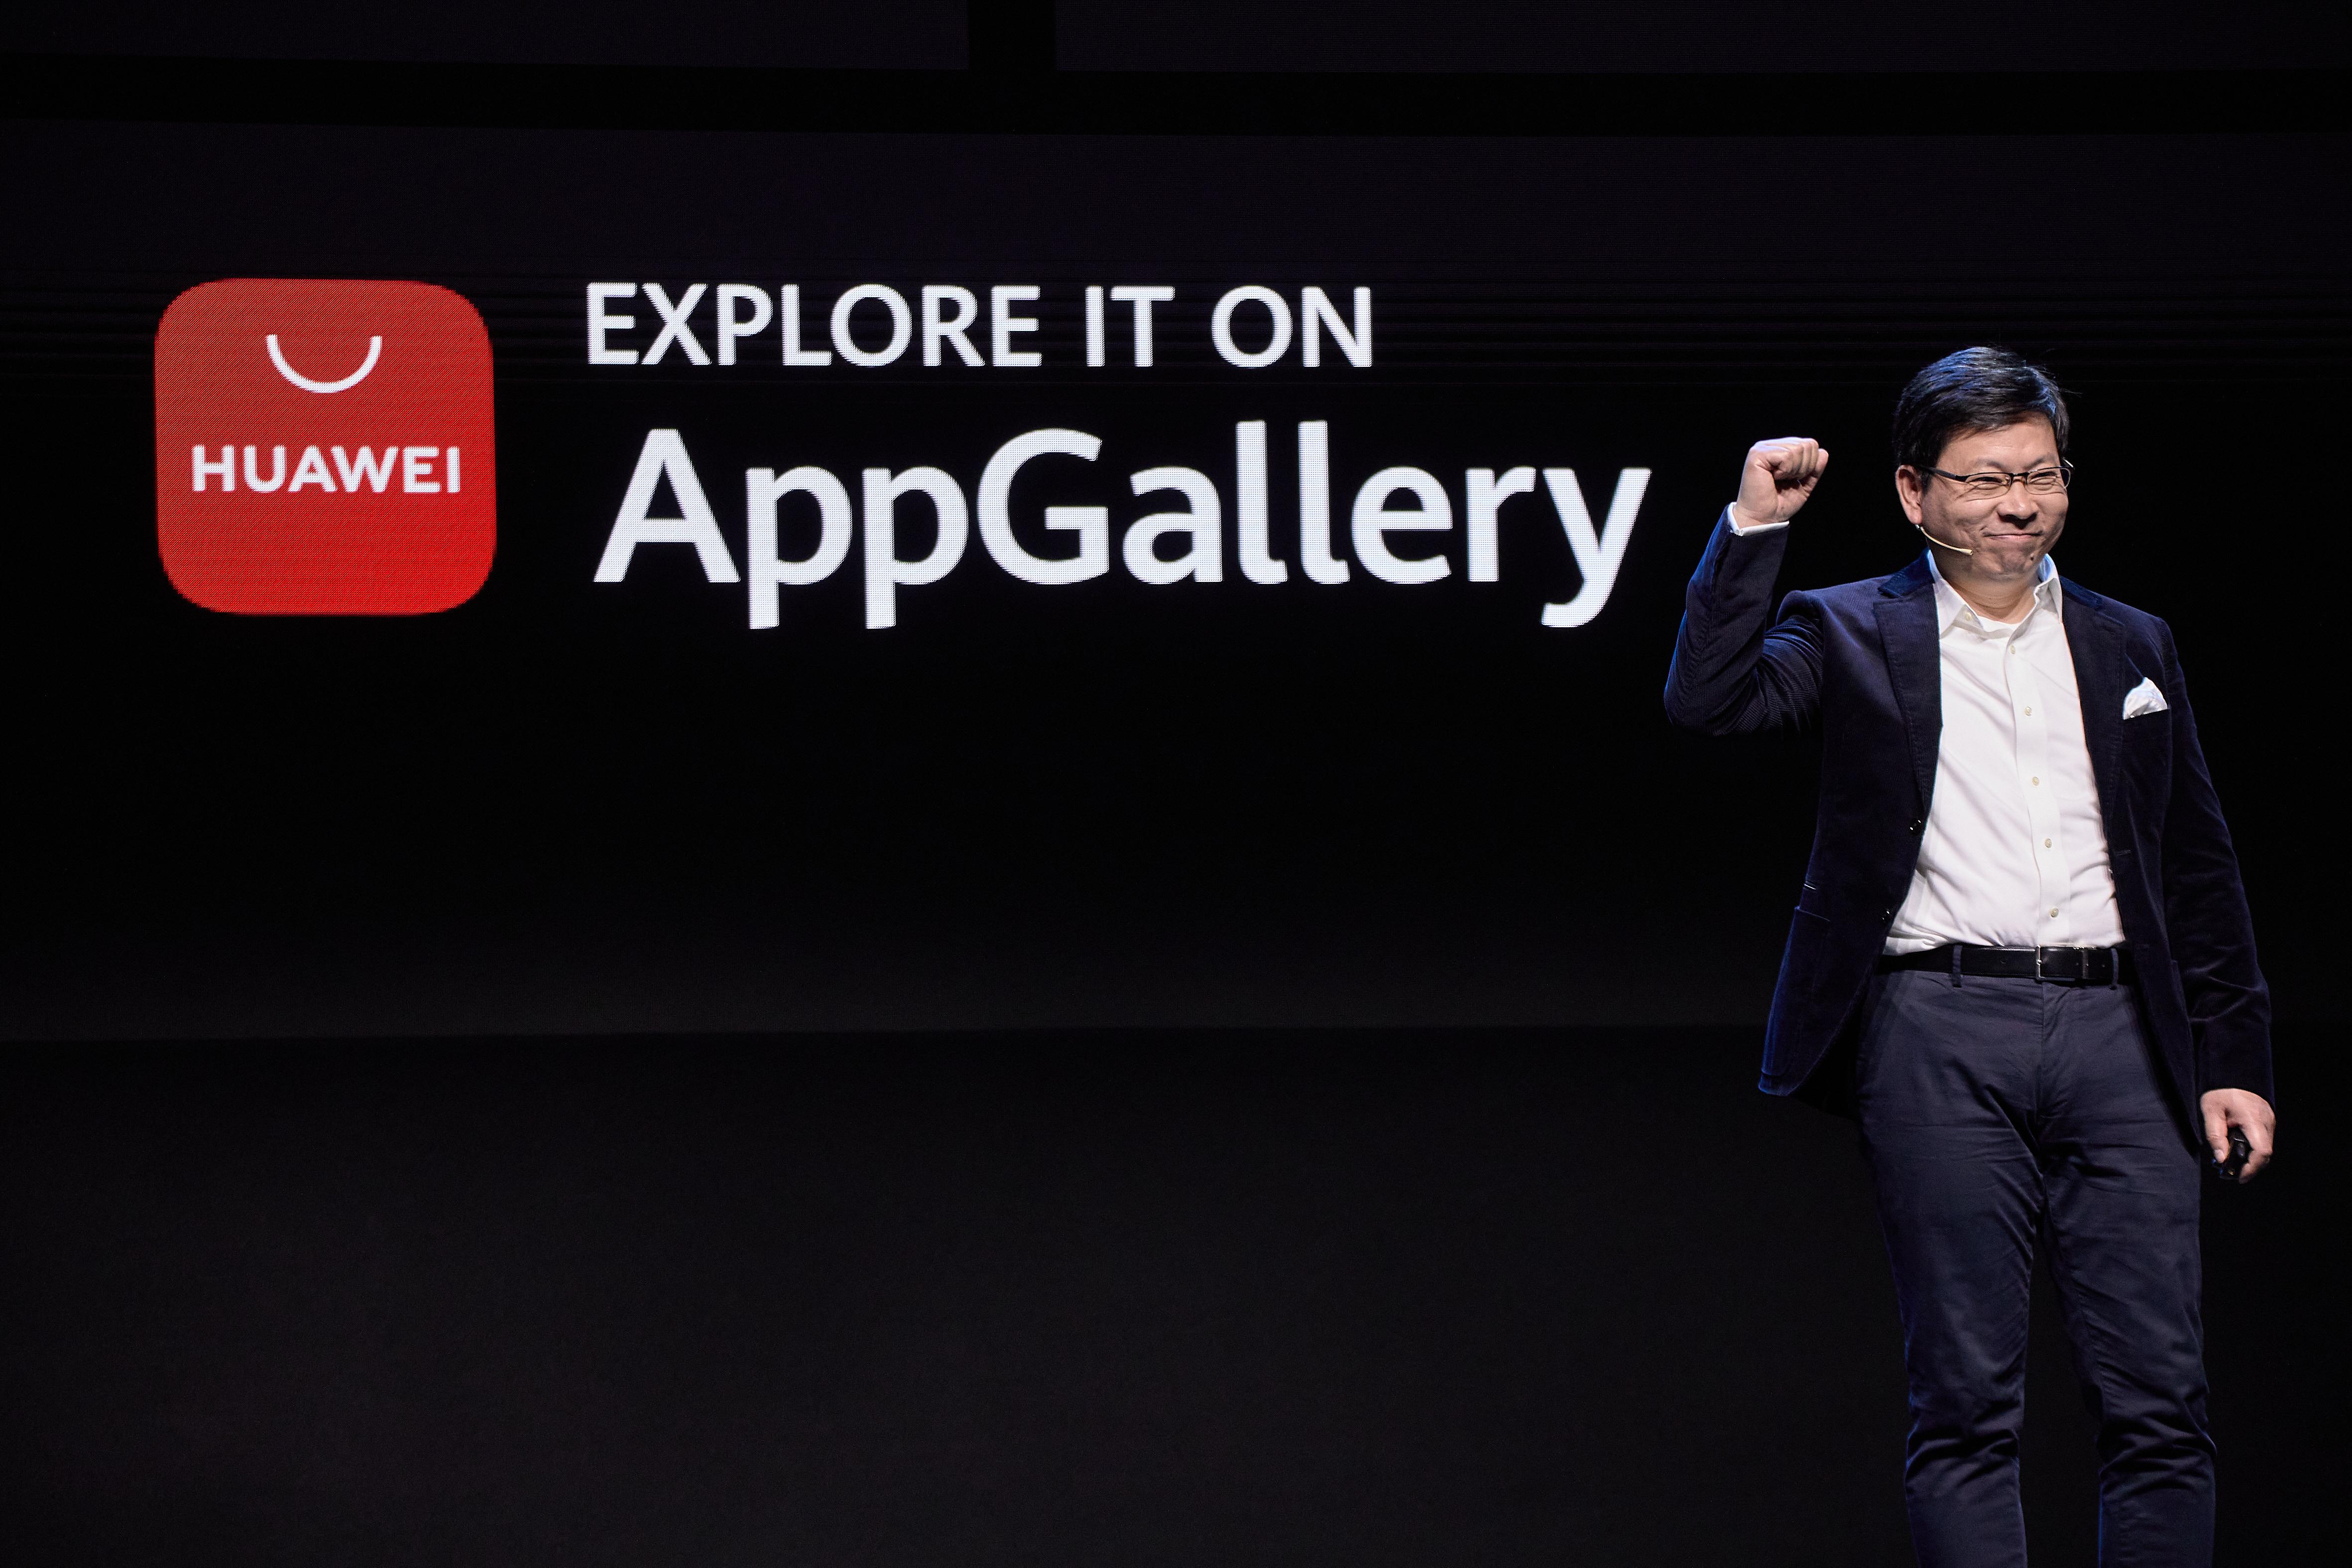 Huawei с их appgallery: что это такое и как это работает?